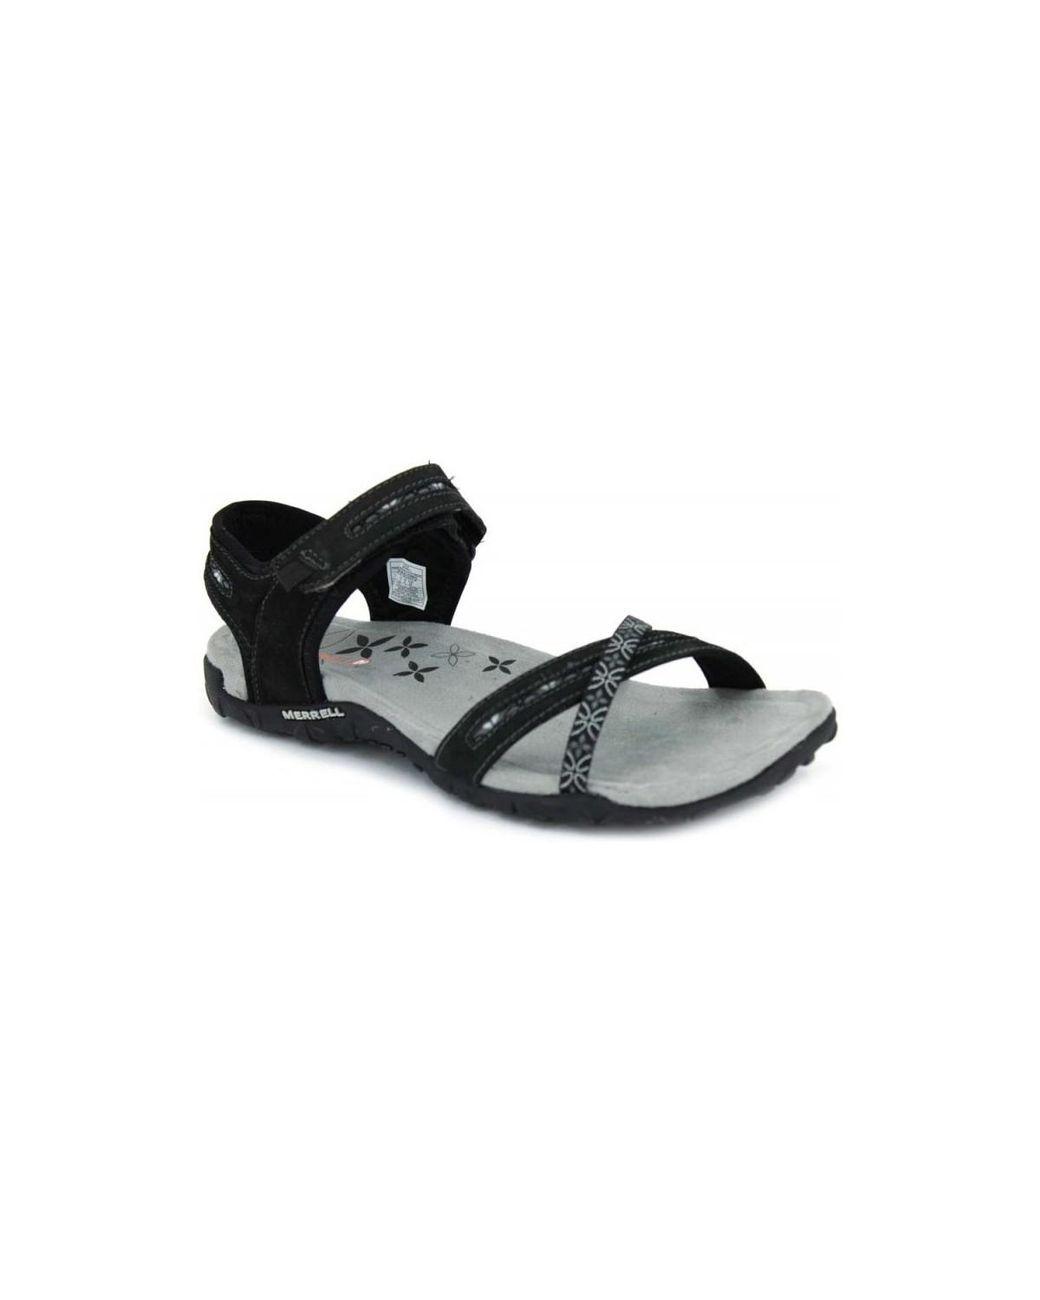 bd3d446063c7 Merrell Terran Cross Ii J55306 Women s Sandals In Black in Black - Lyst